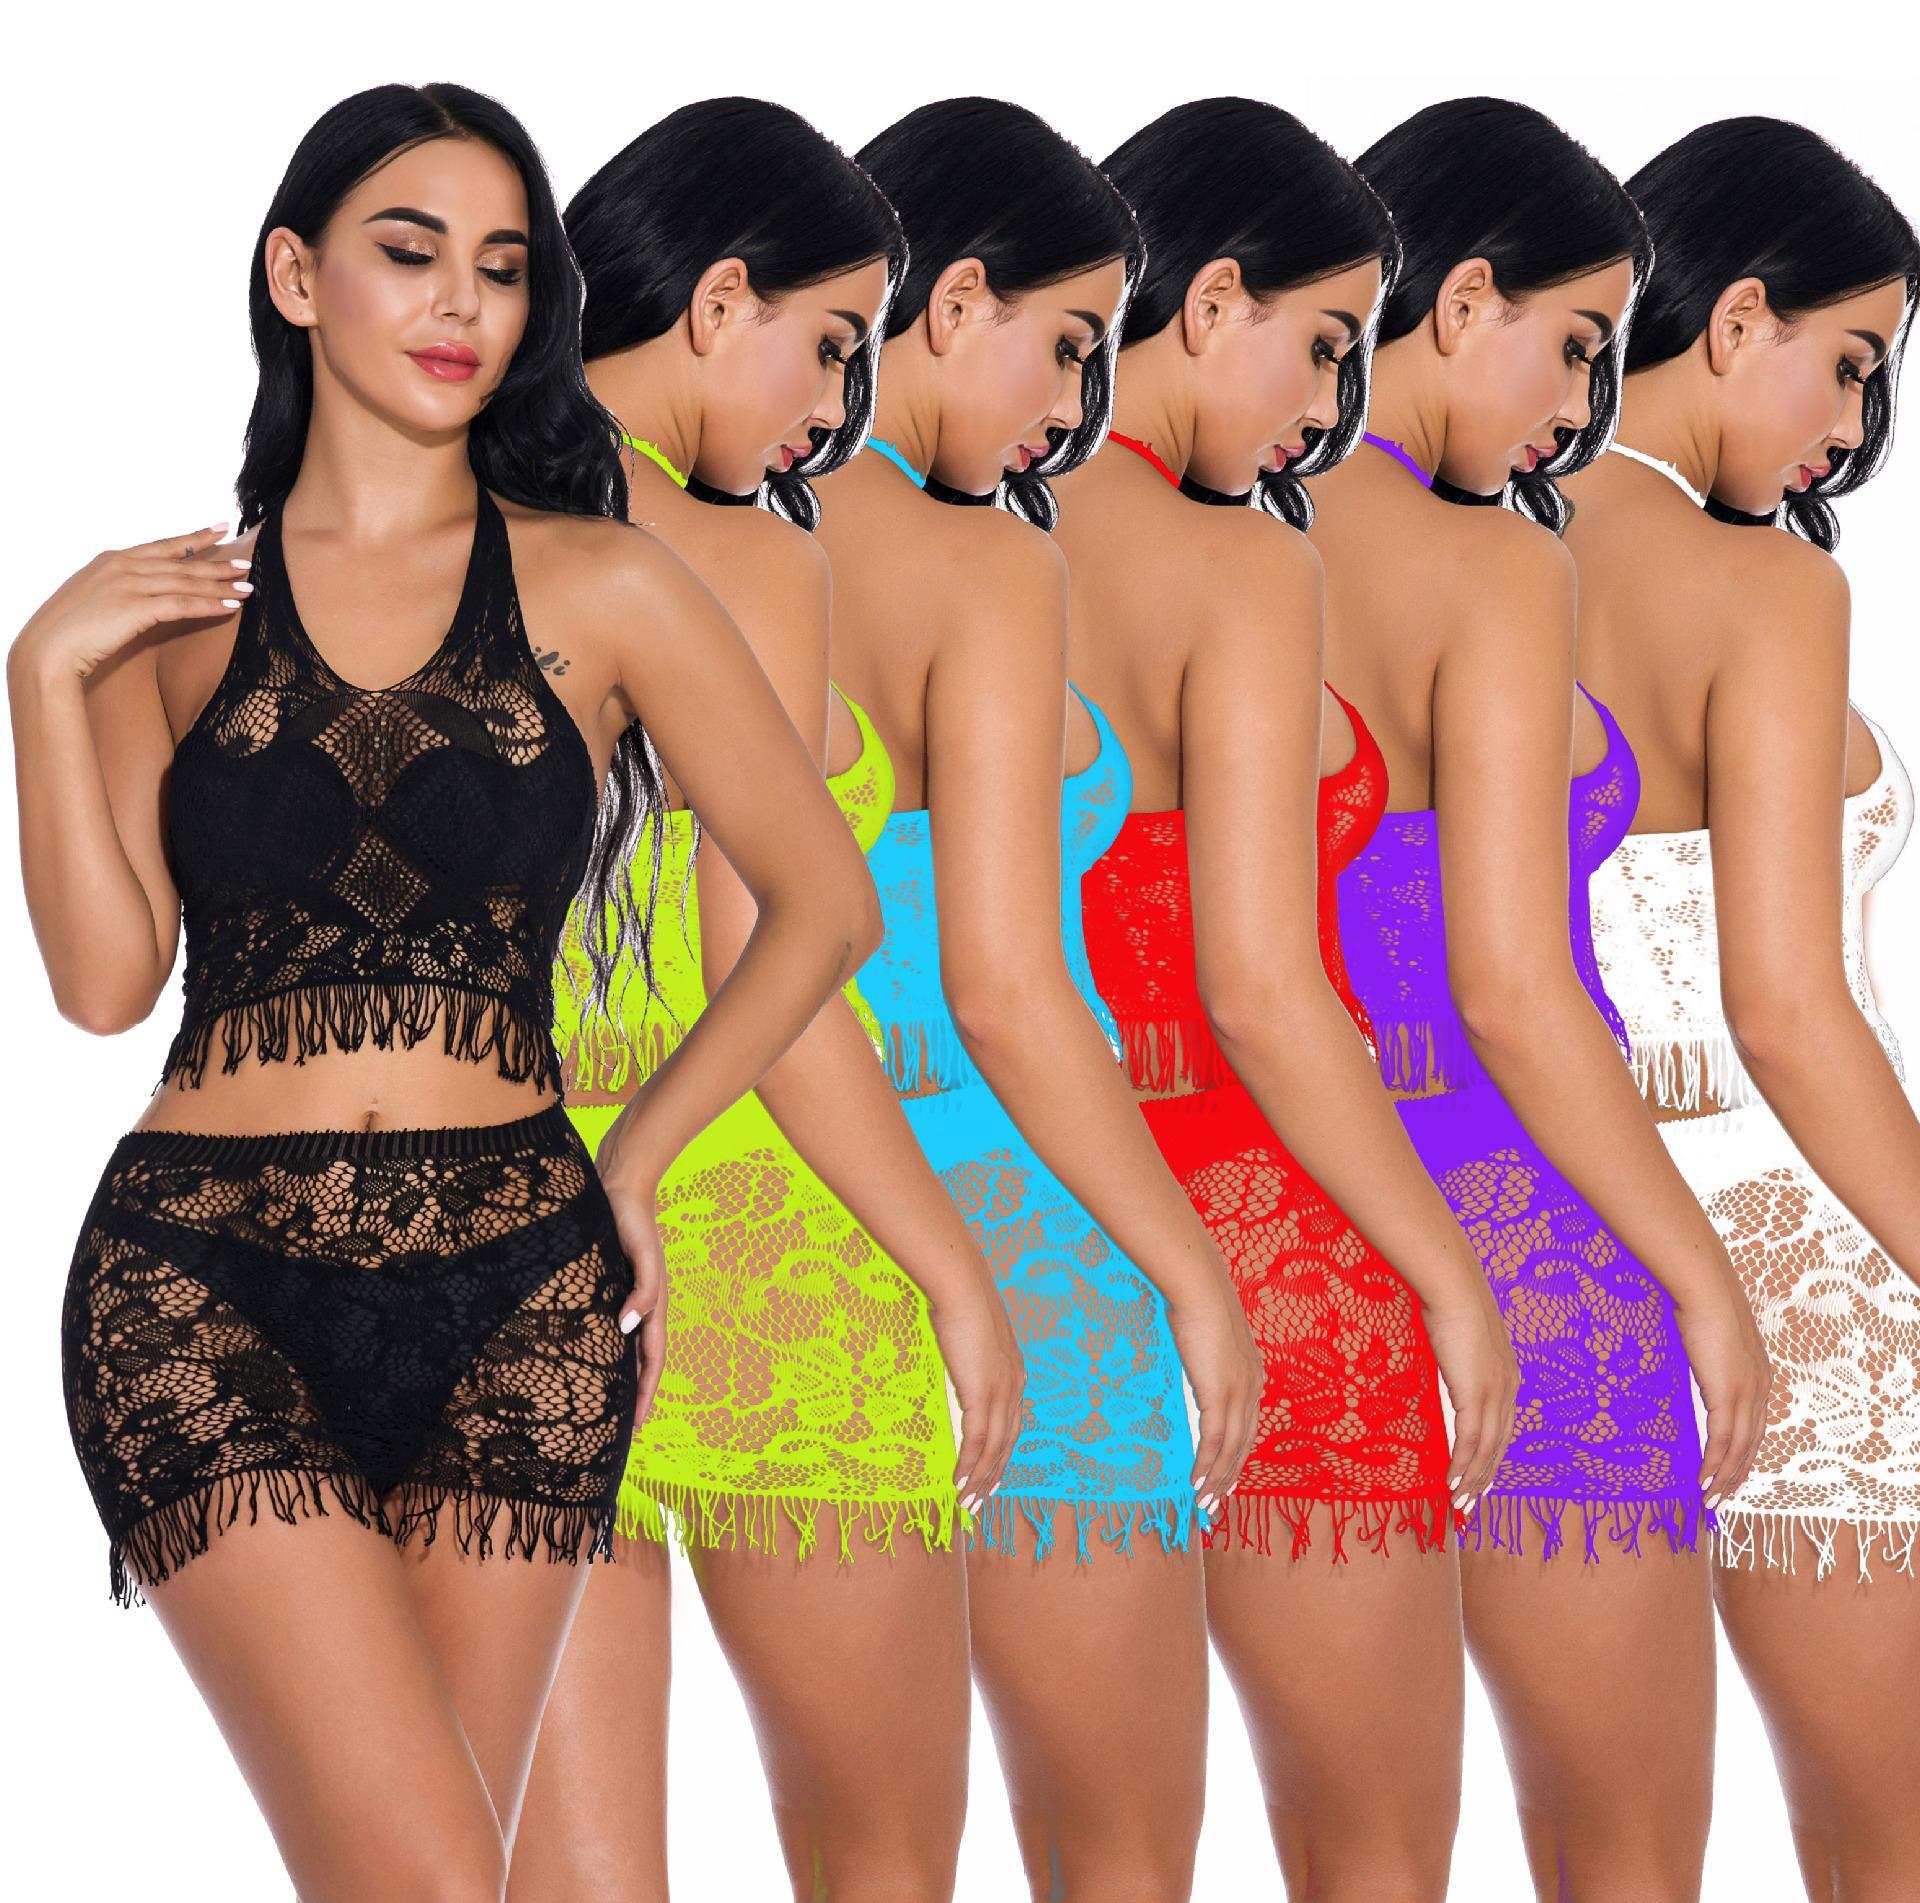 Plus Size femmes sexy en dentelle de nuit Chemises de nuit pour les femmes Ouvert De Nuit Net Voir Trough Deux Sexy pièces Ensembles Taille gratuit